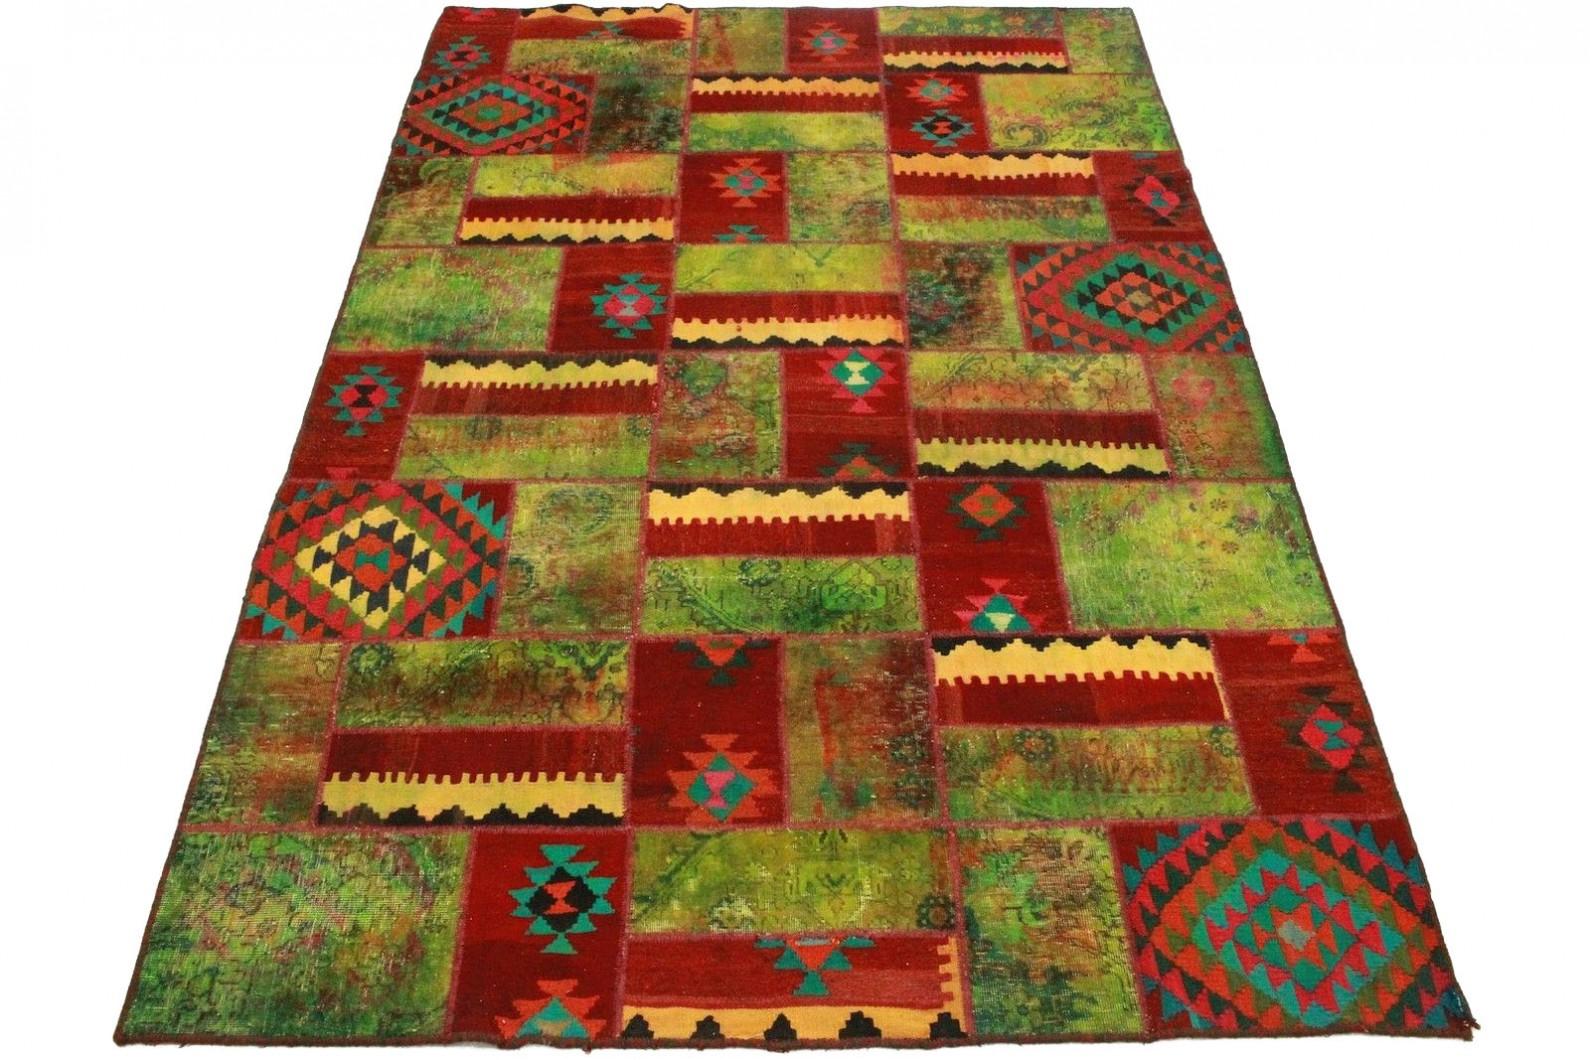 Patchwork Teppich Grün Rot in 300x200cm (1 / 5)